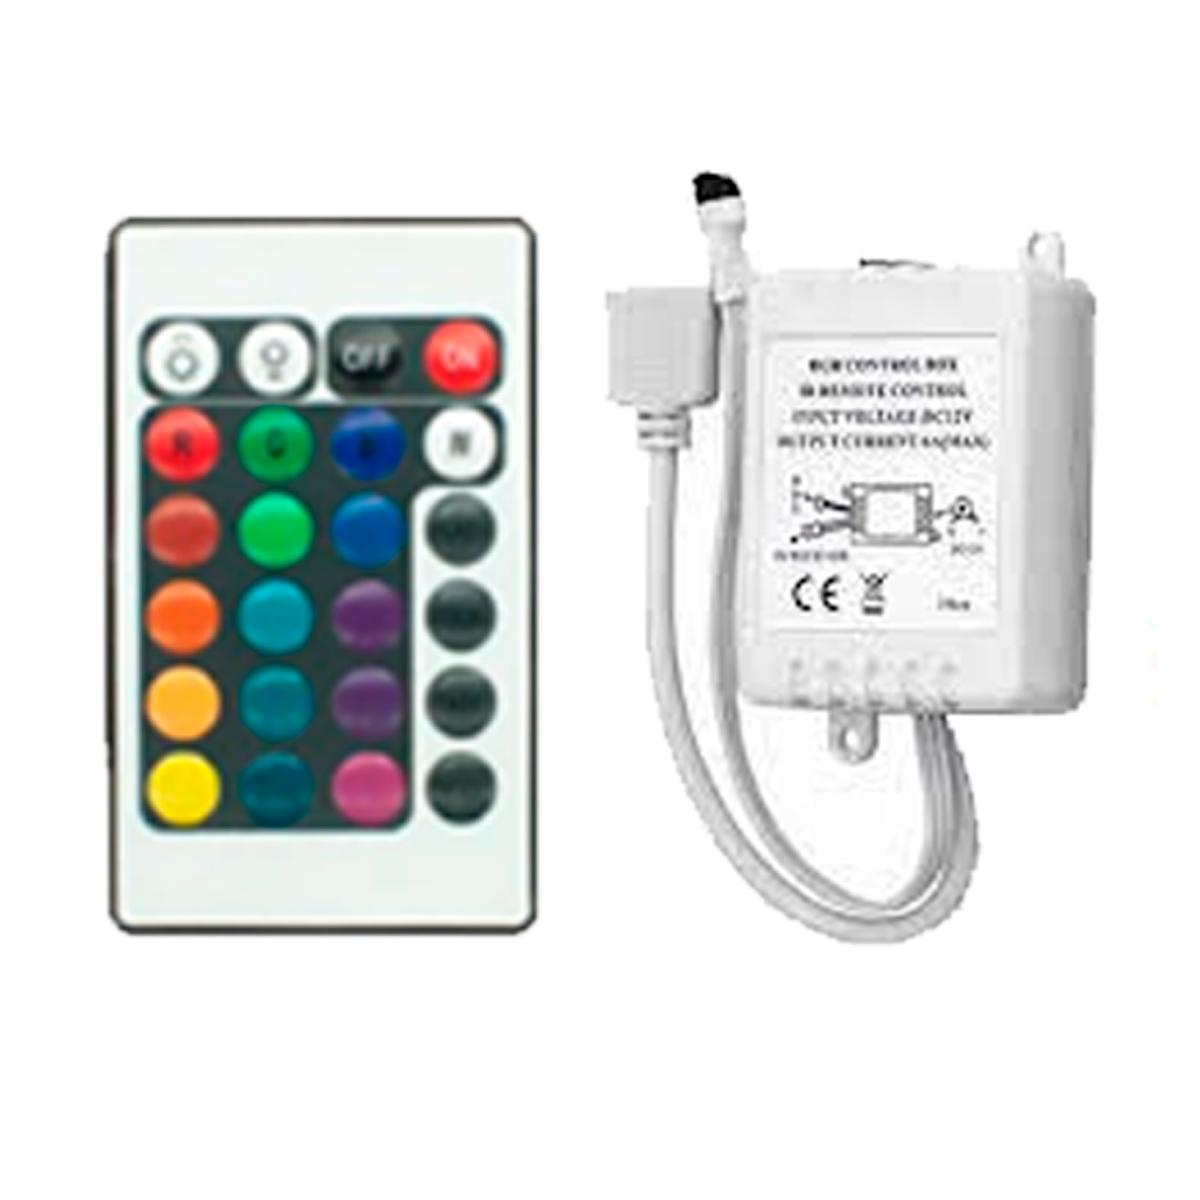 Controladora + controle Fita de LED RGB 3528